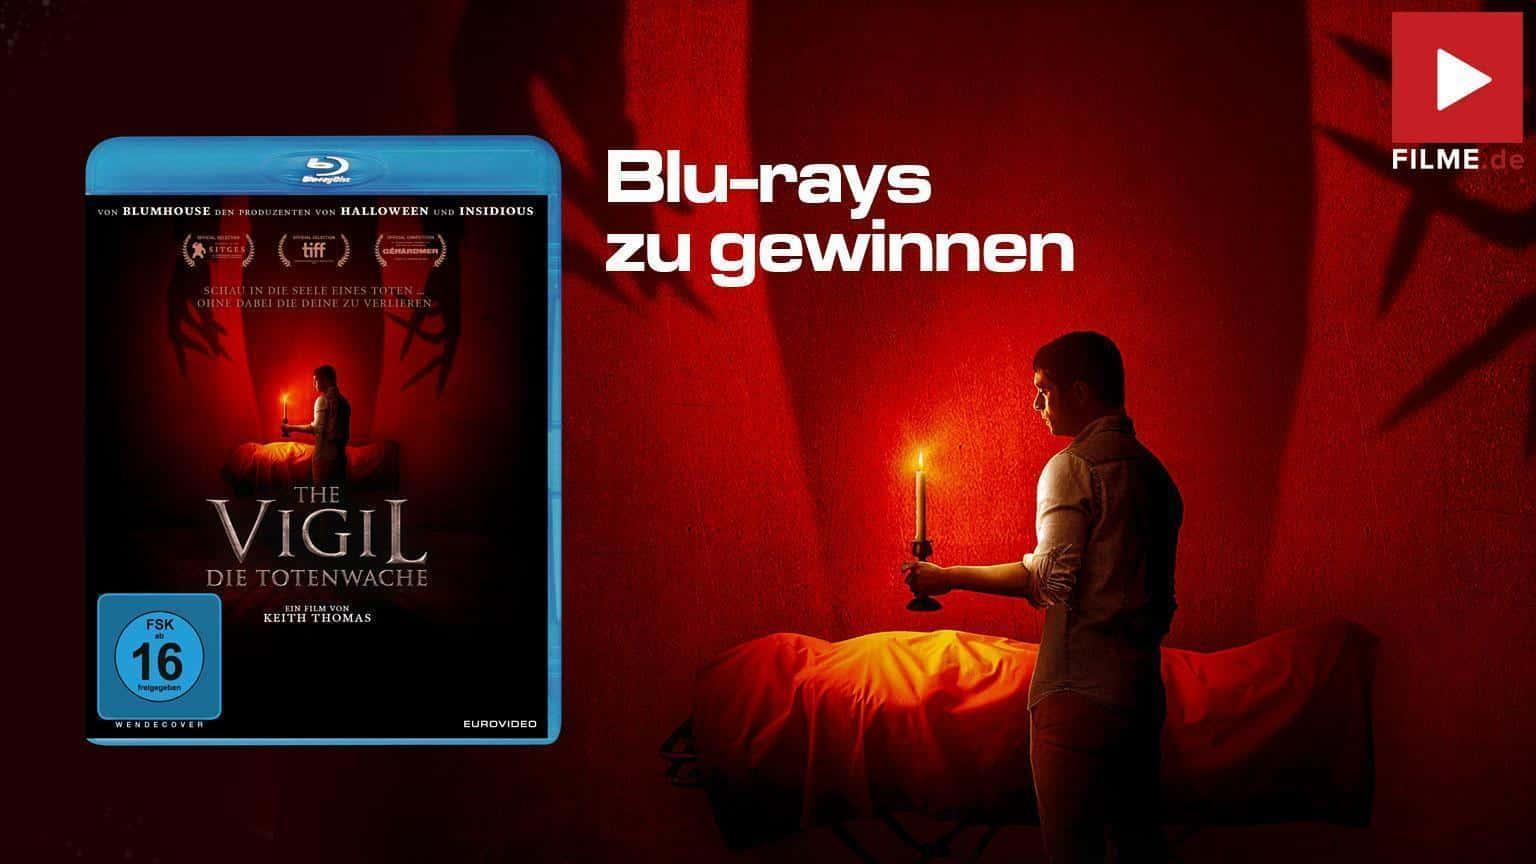 The Vigil Die Totenwache Film 2021 Blu-ray Gewinnspiel gewinnen shop kaufen Artikelbild